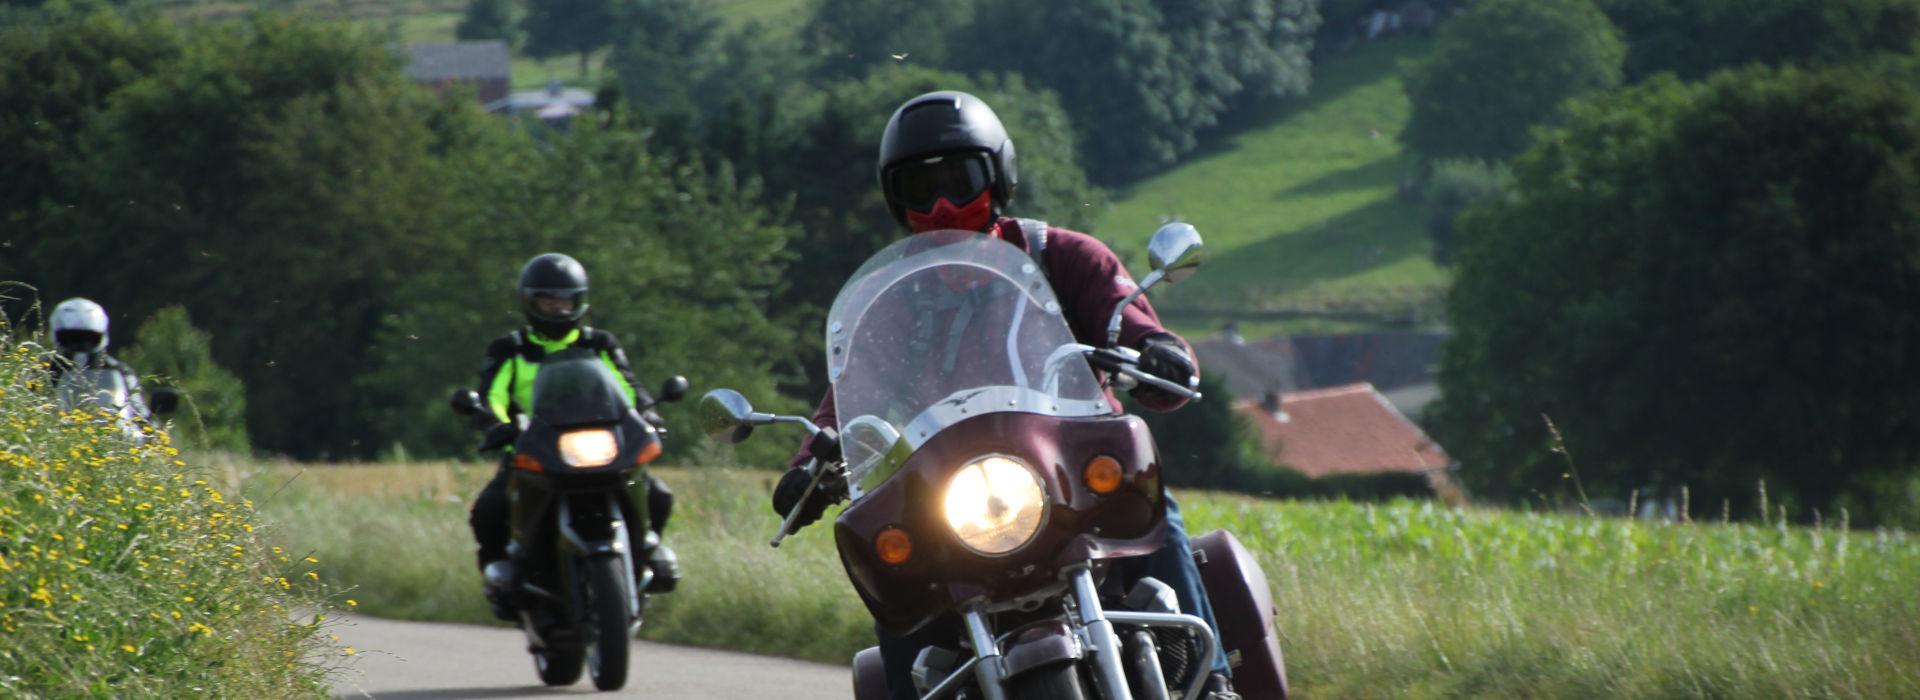 Motorrijbewijspoint Drunen motorrijlessen